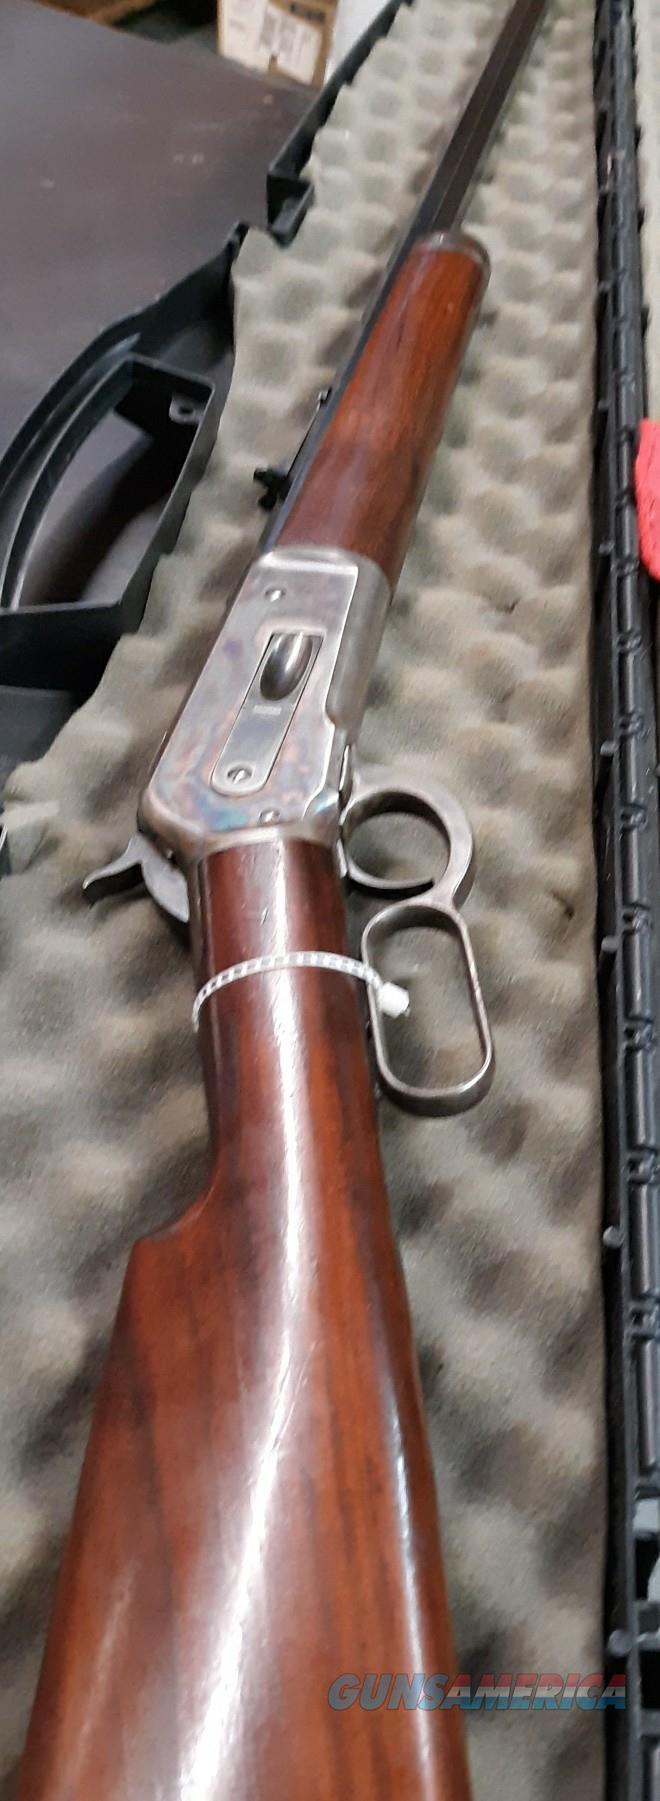 Antique Winchester Model 1886 lever action   Guns > Rifles > Antique (Pre-1899) Rifles - Ctg. Misc.